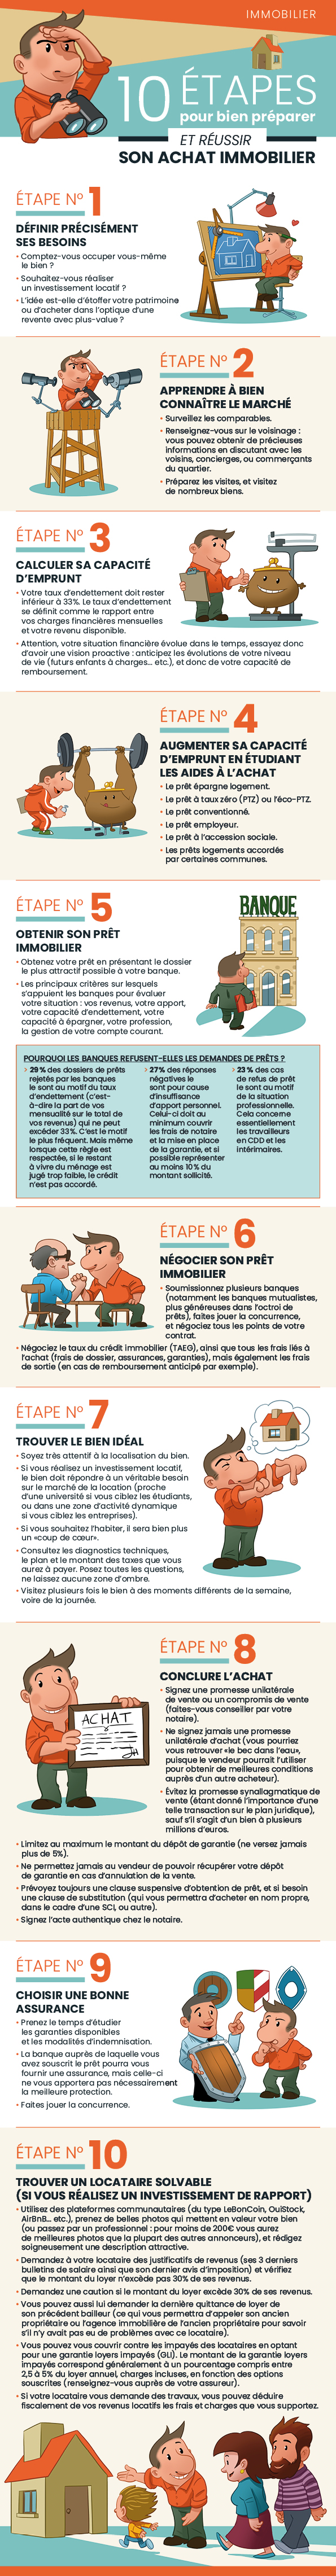 infographie-conseil-investissement-locatif